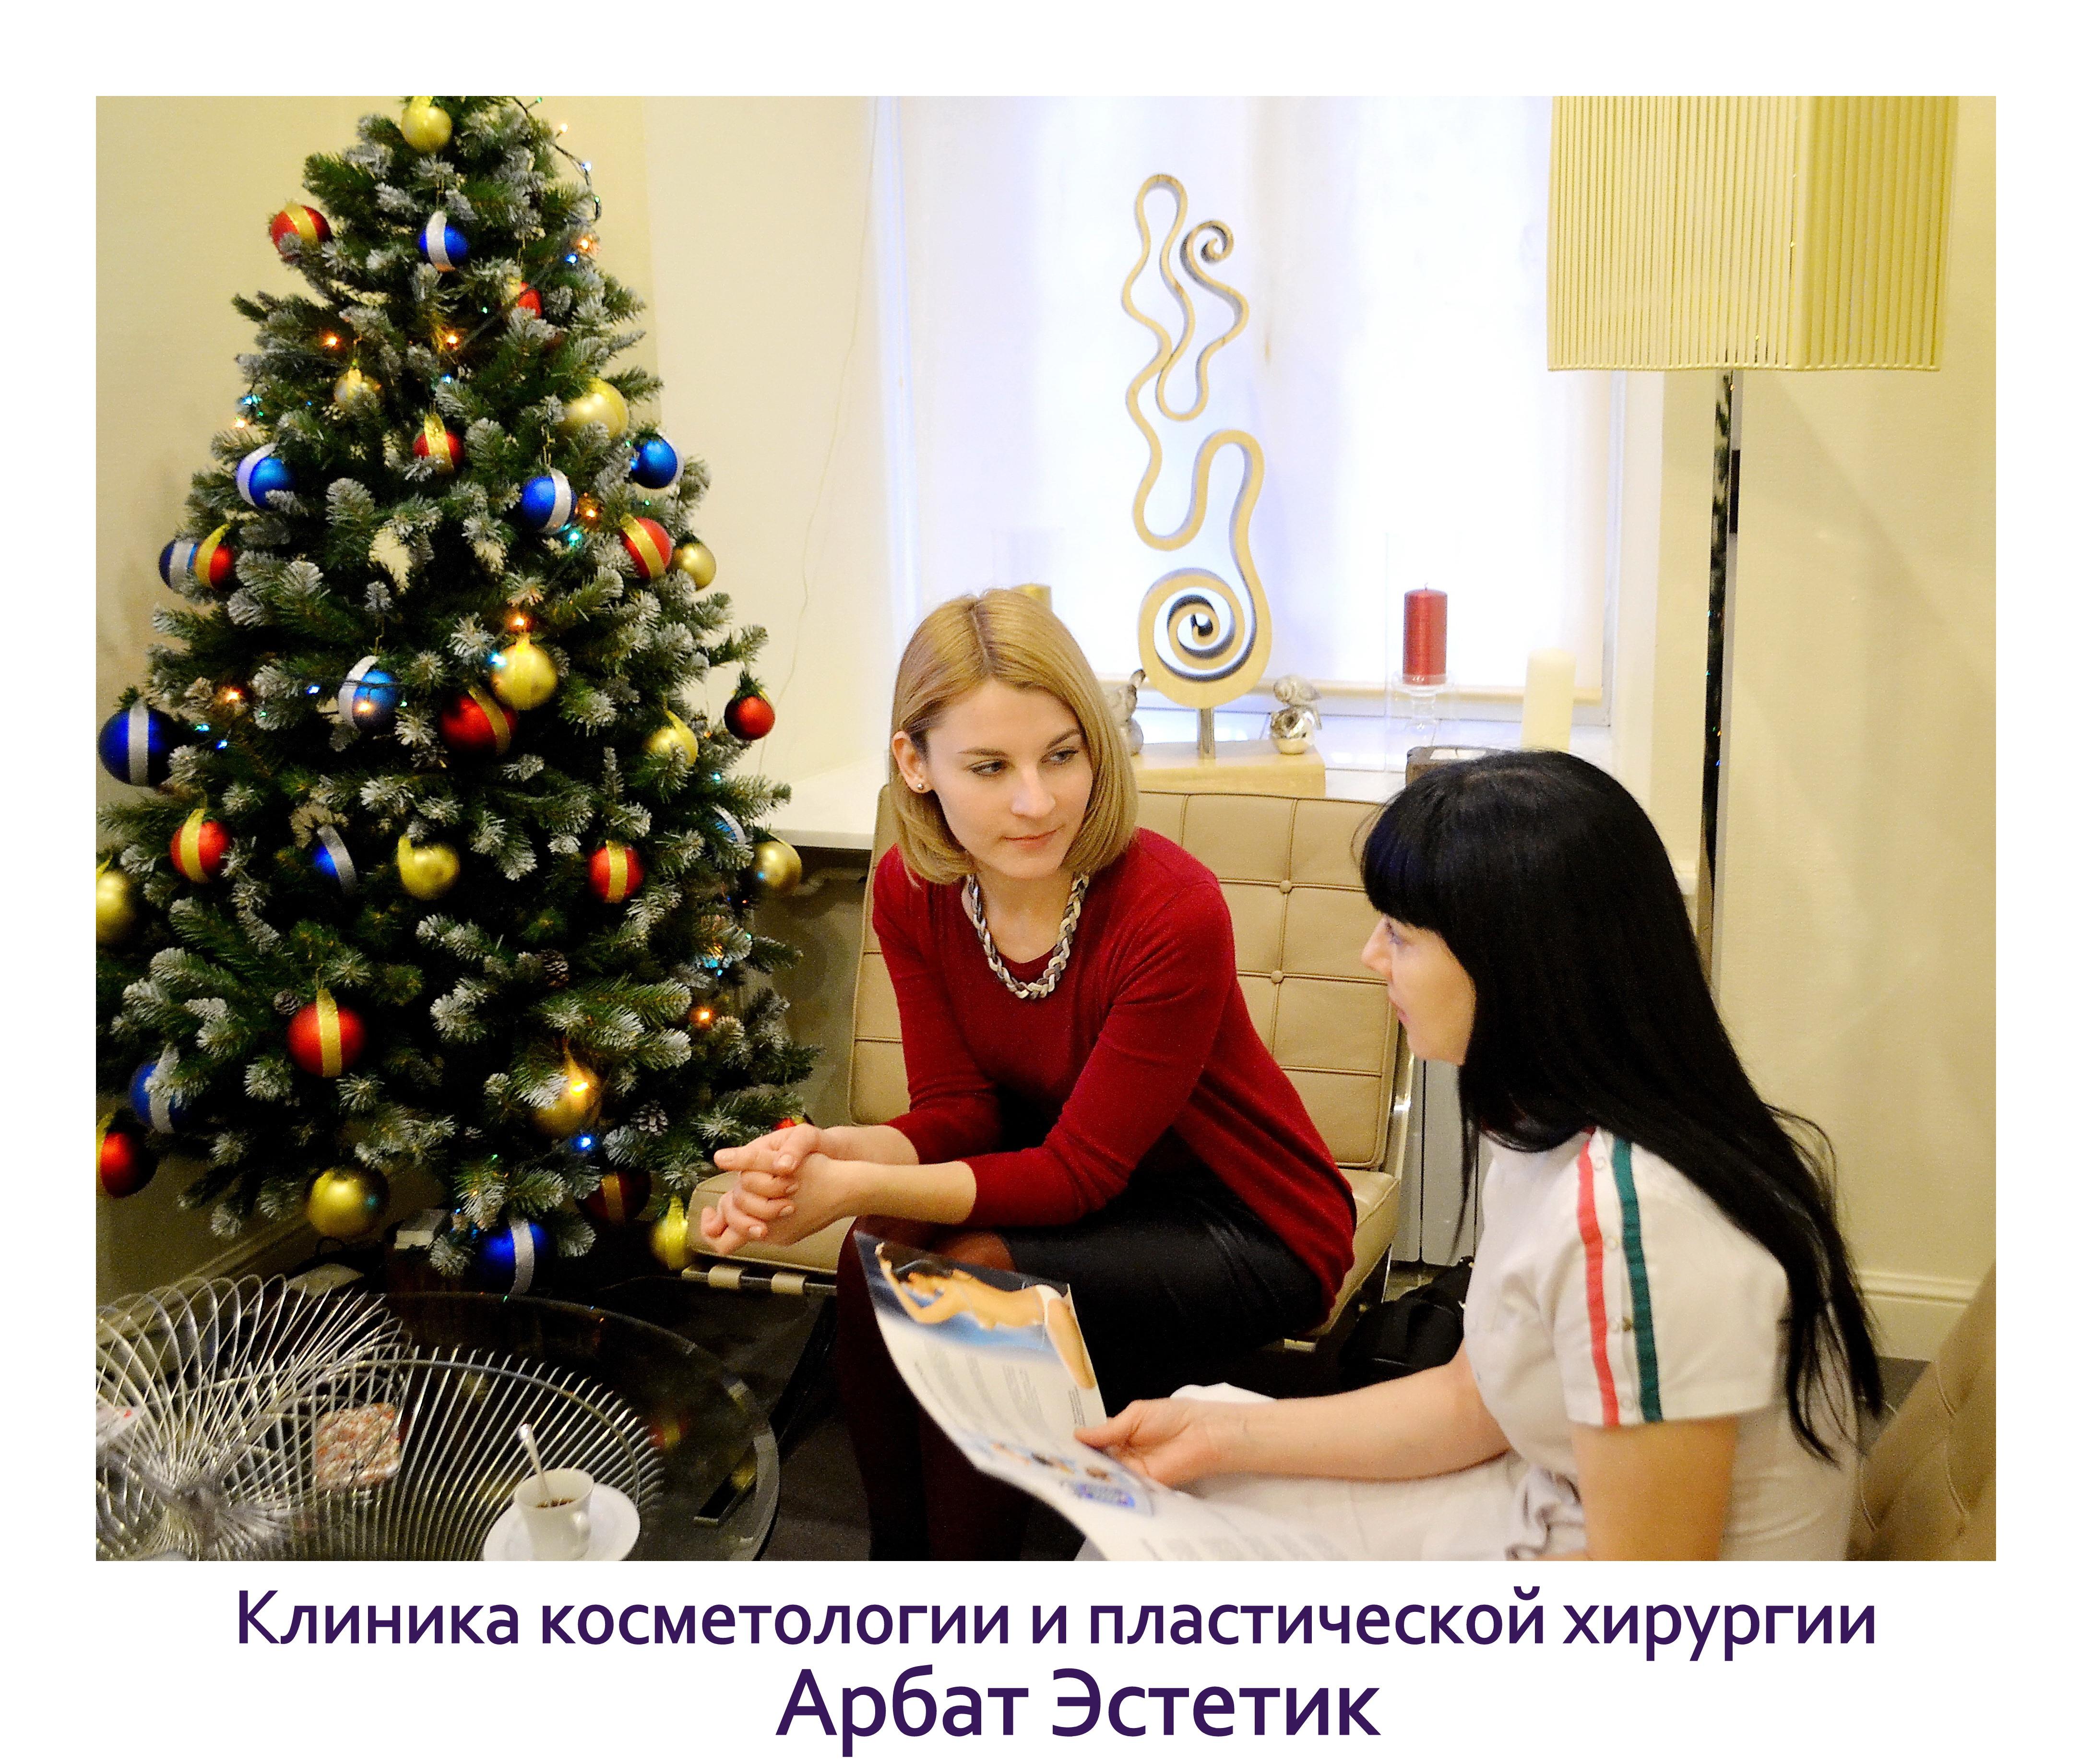 Кавитация в клинике косметологии и эстетической медицины Арбат Эстетик